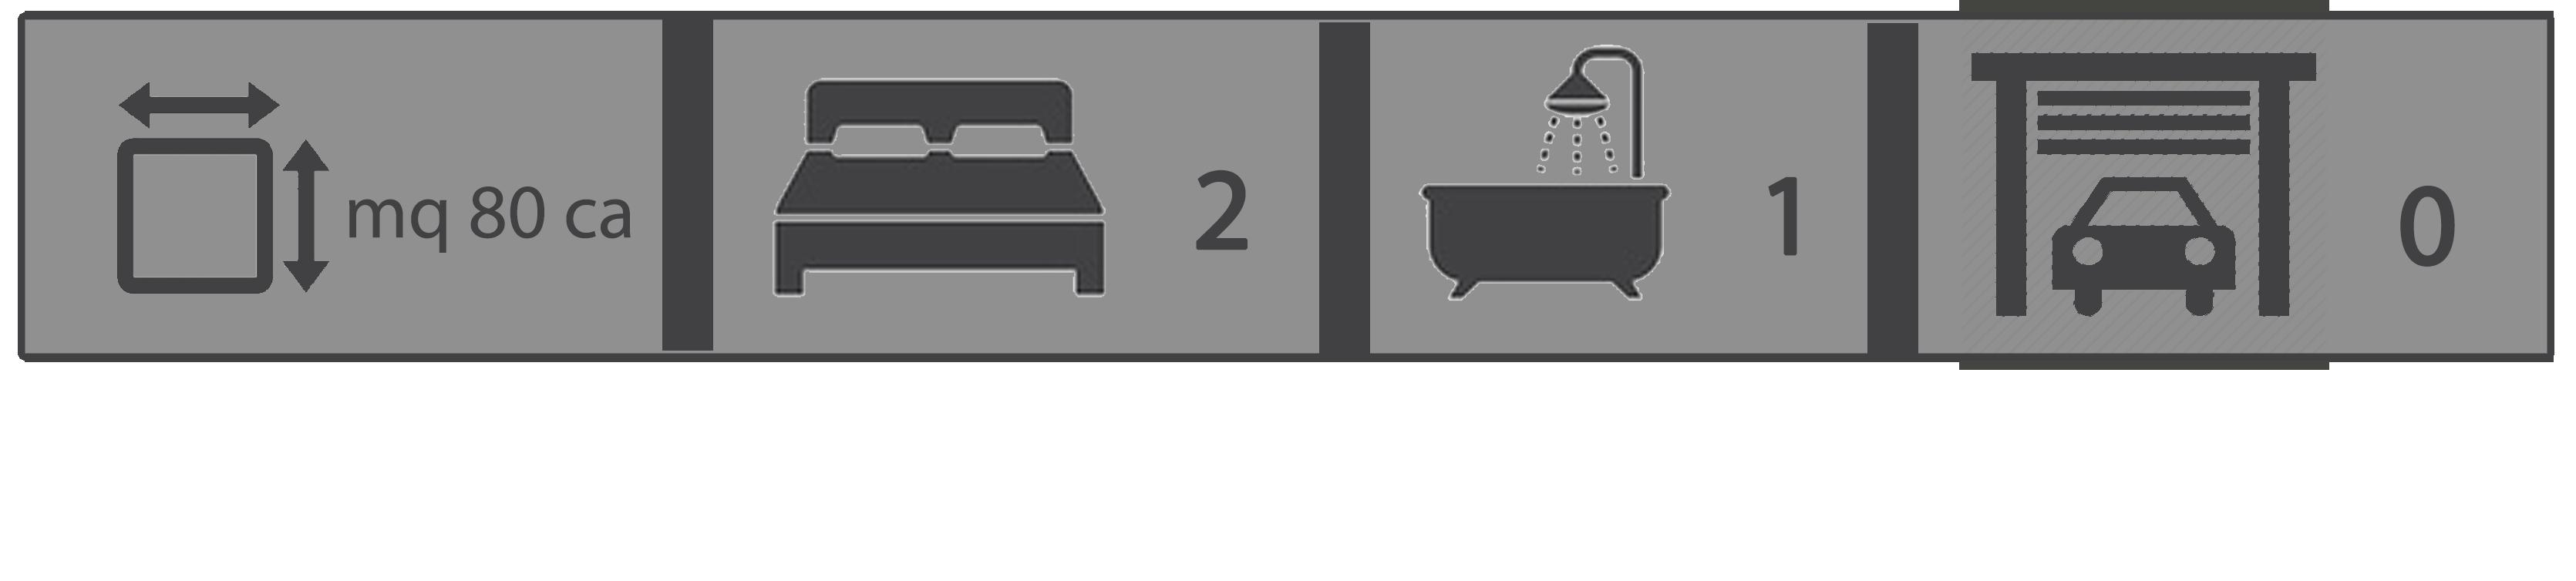 Cod hold137 appartamento in mini condominio con for Piano di deposito